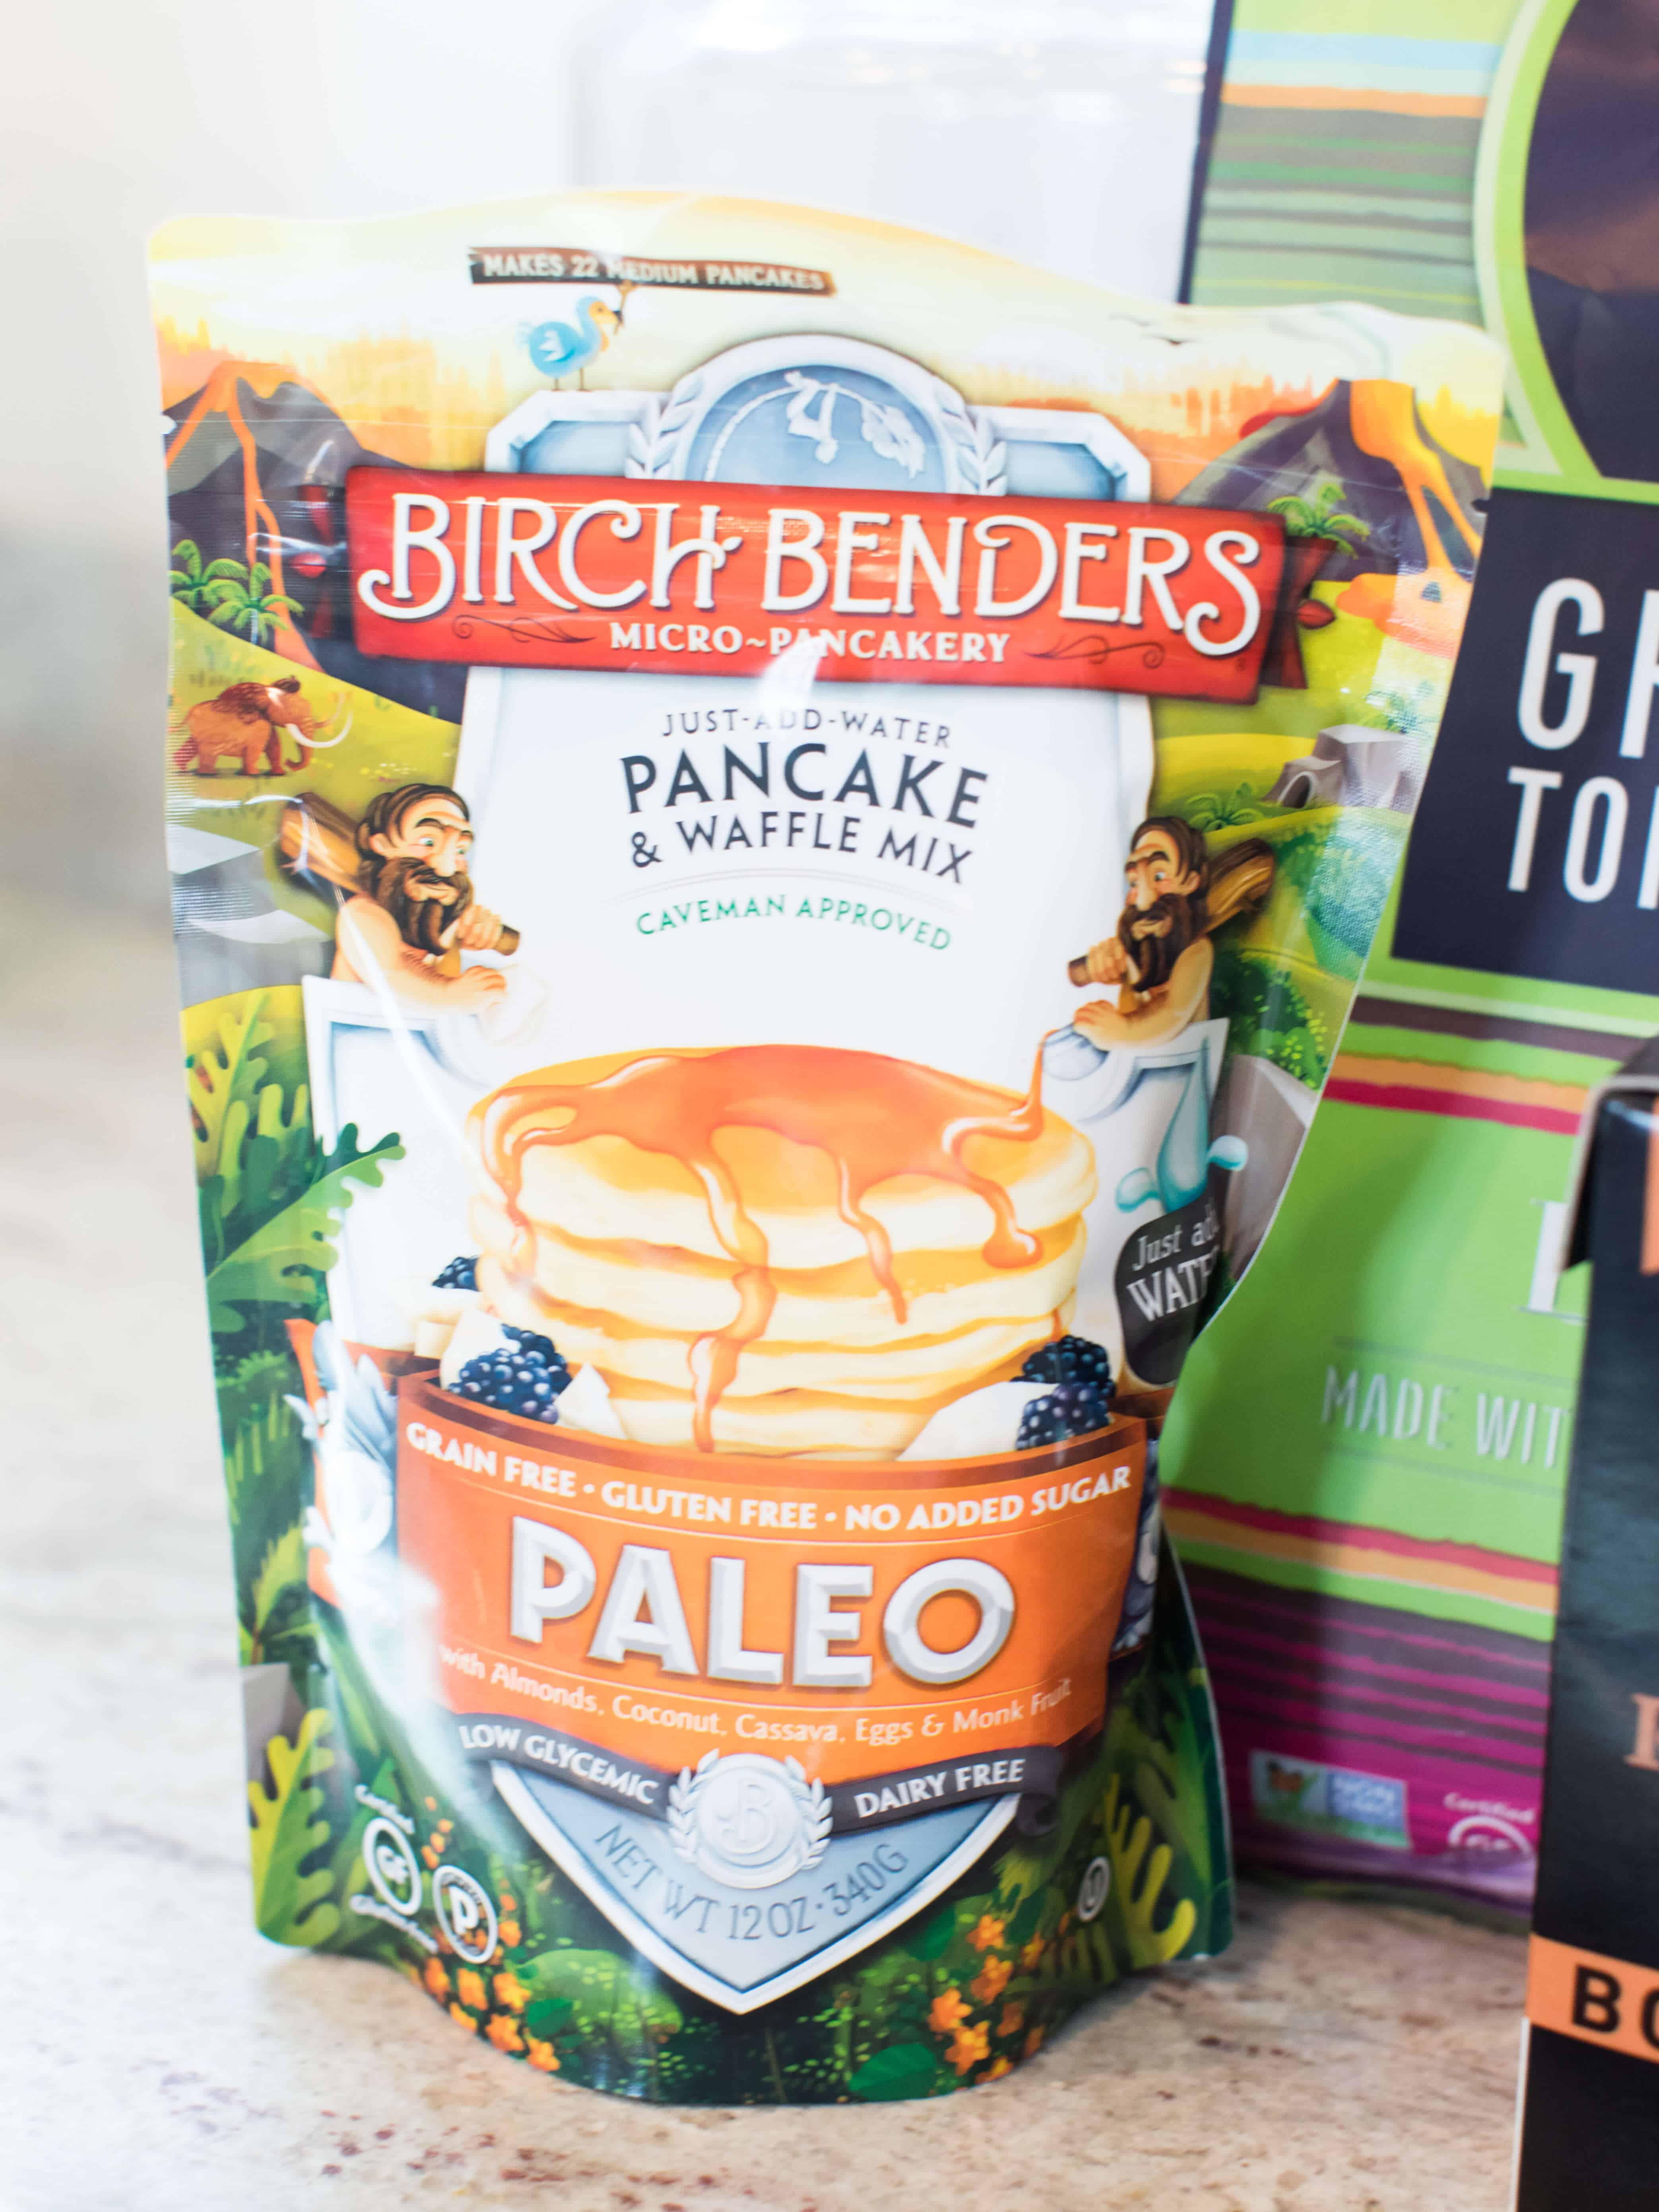 New In My Pantry #saveeandsavory #birchbenders #healthypantry #peekinmypantry #healthhabits #birchbenders